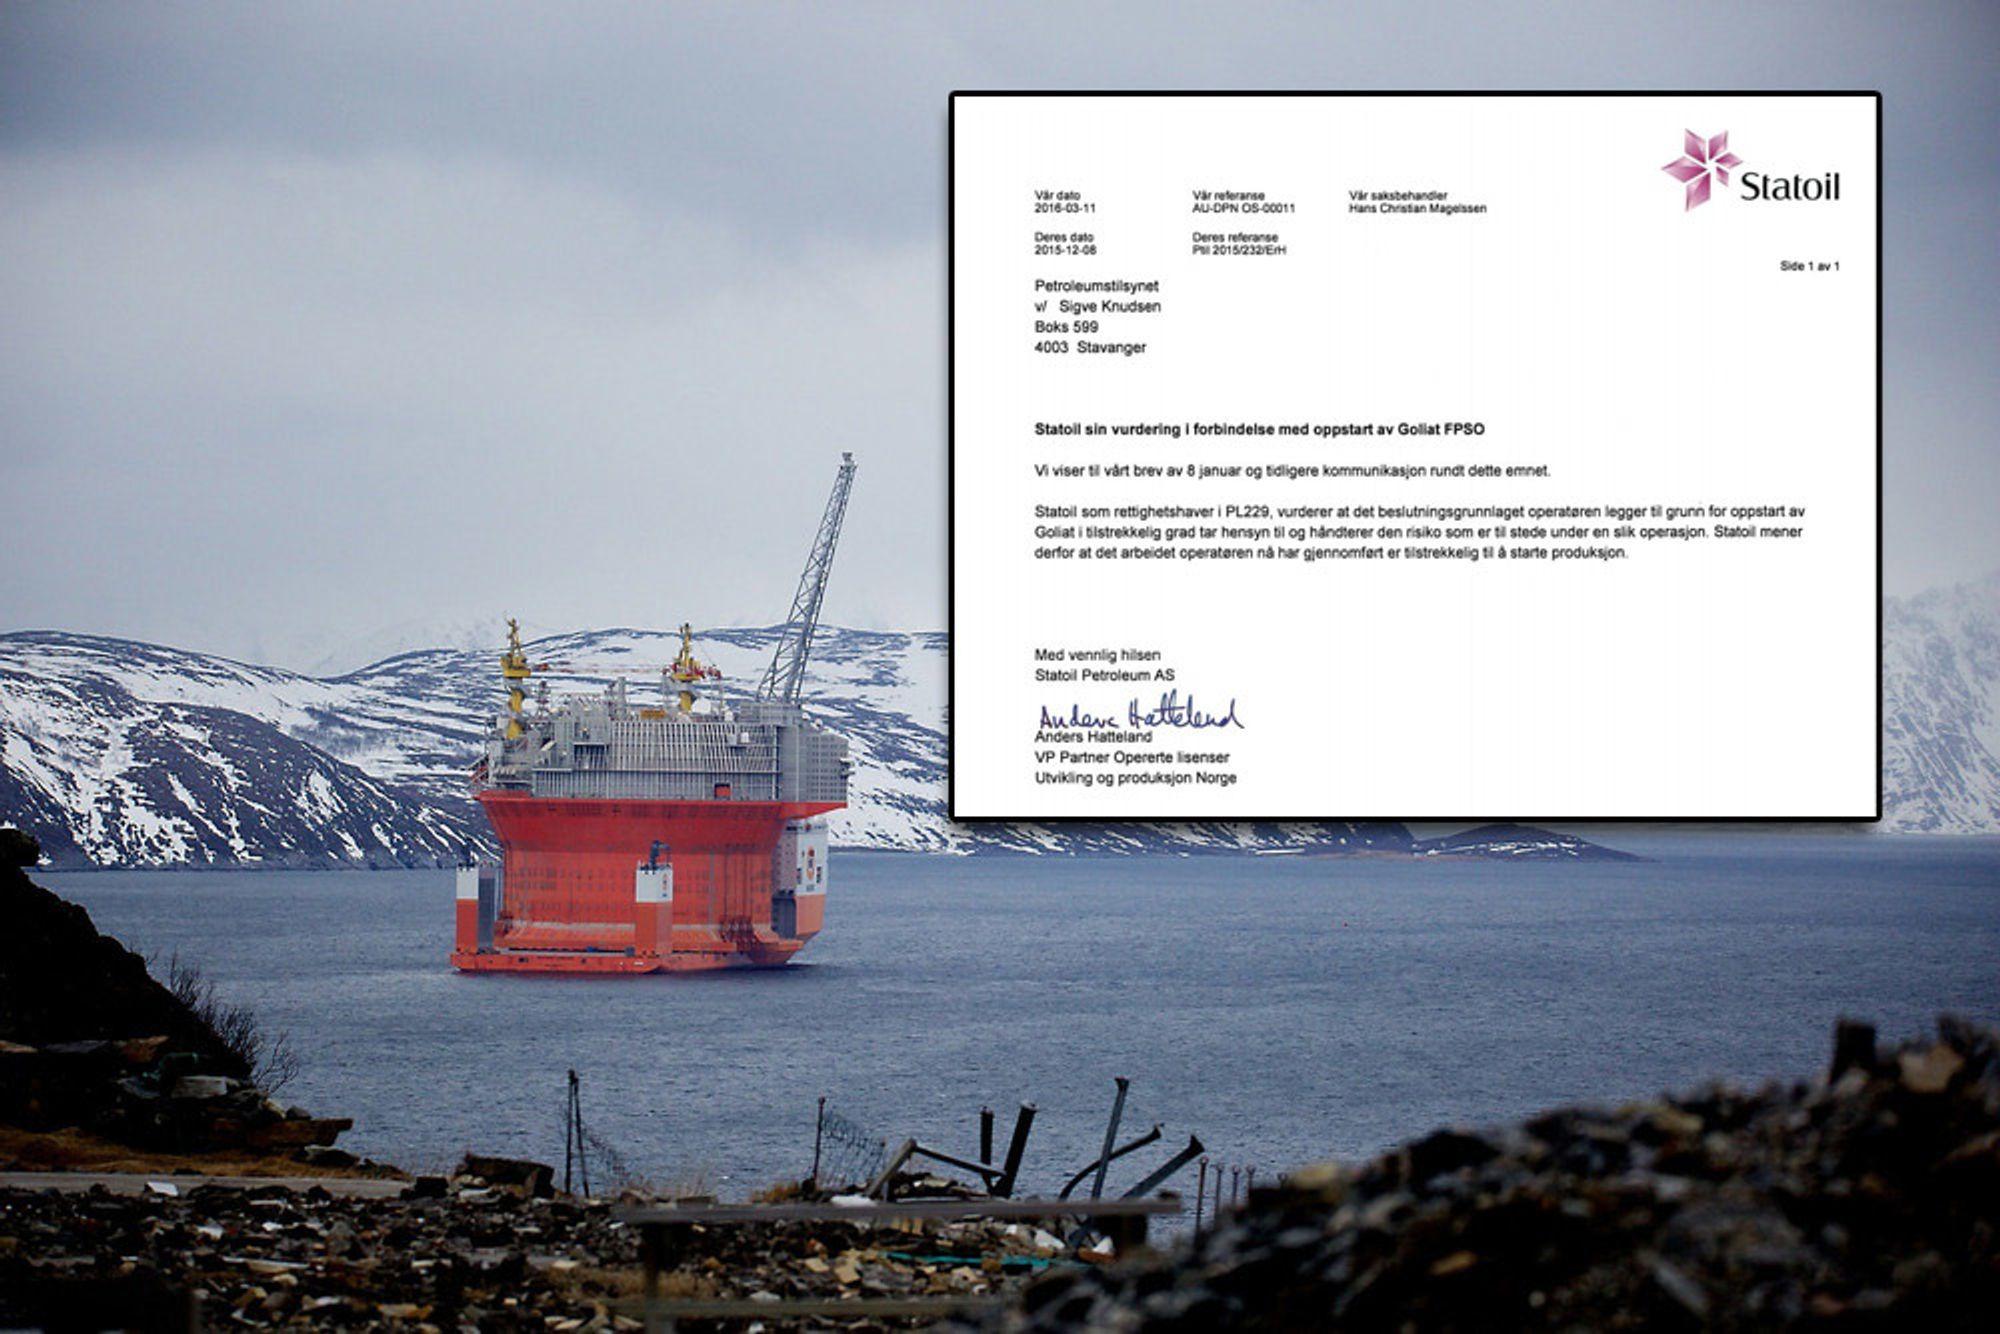 Goliat er det første oljefeltet i produksjon i Barentshavet. Statoil gikk i et brev til Ptil (innfelt) god for at plattformen kunne starte produksjonen. I ettertid har det vist seg at plattformen ikke var trygg ved oppstart likevel.